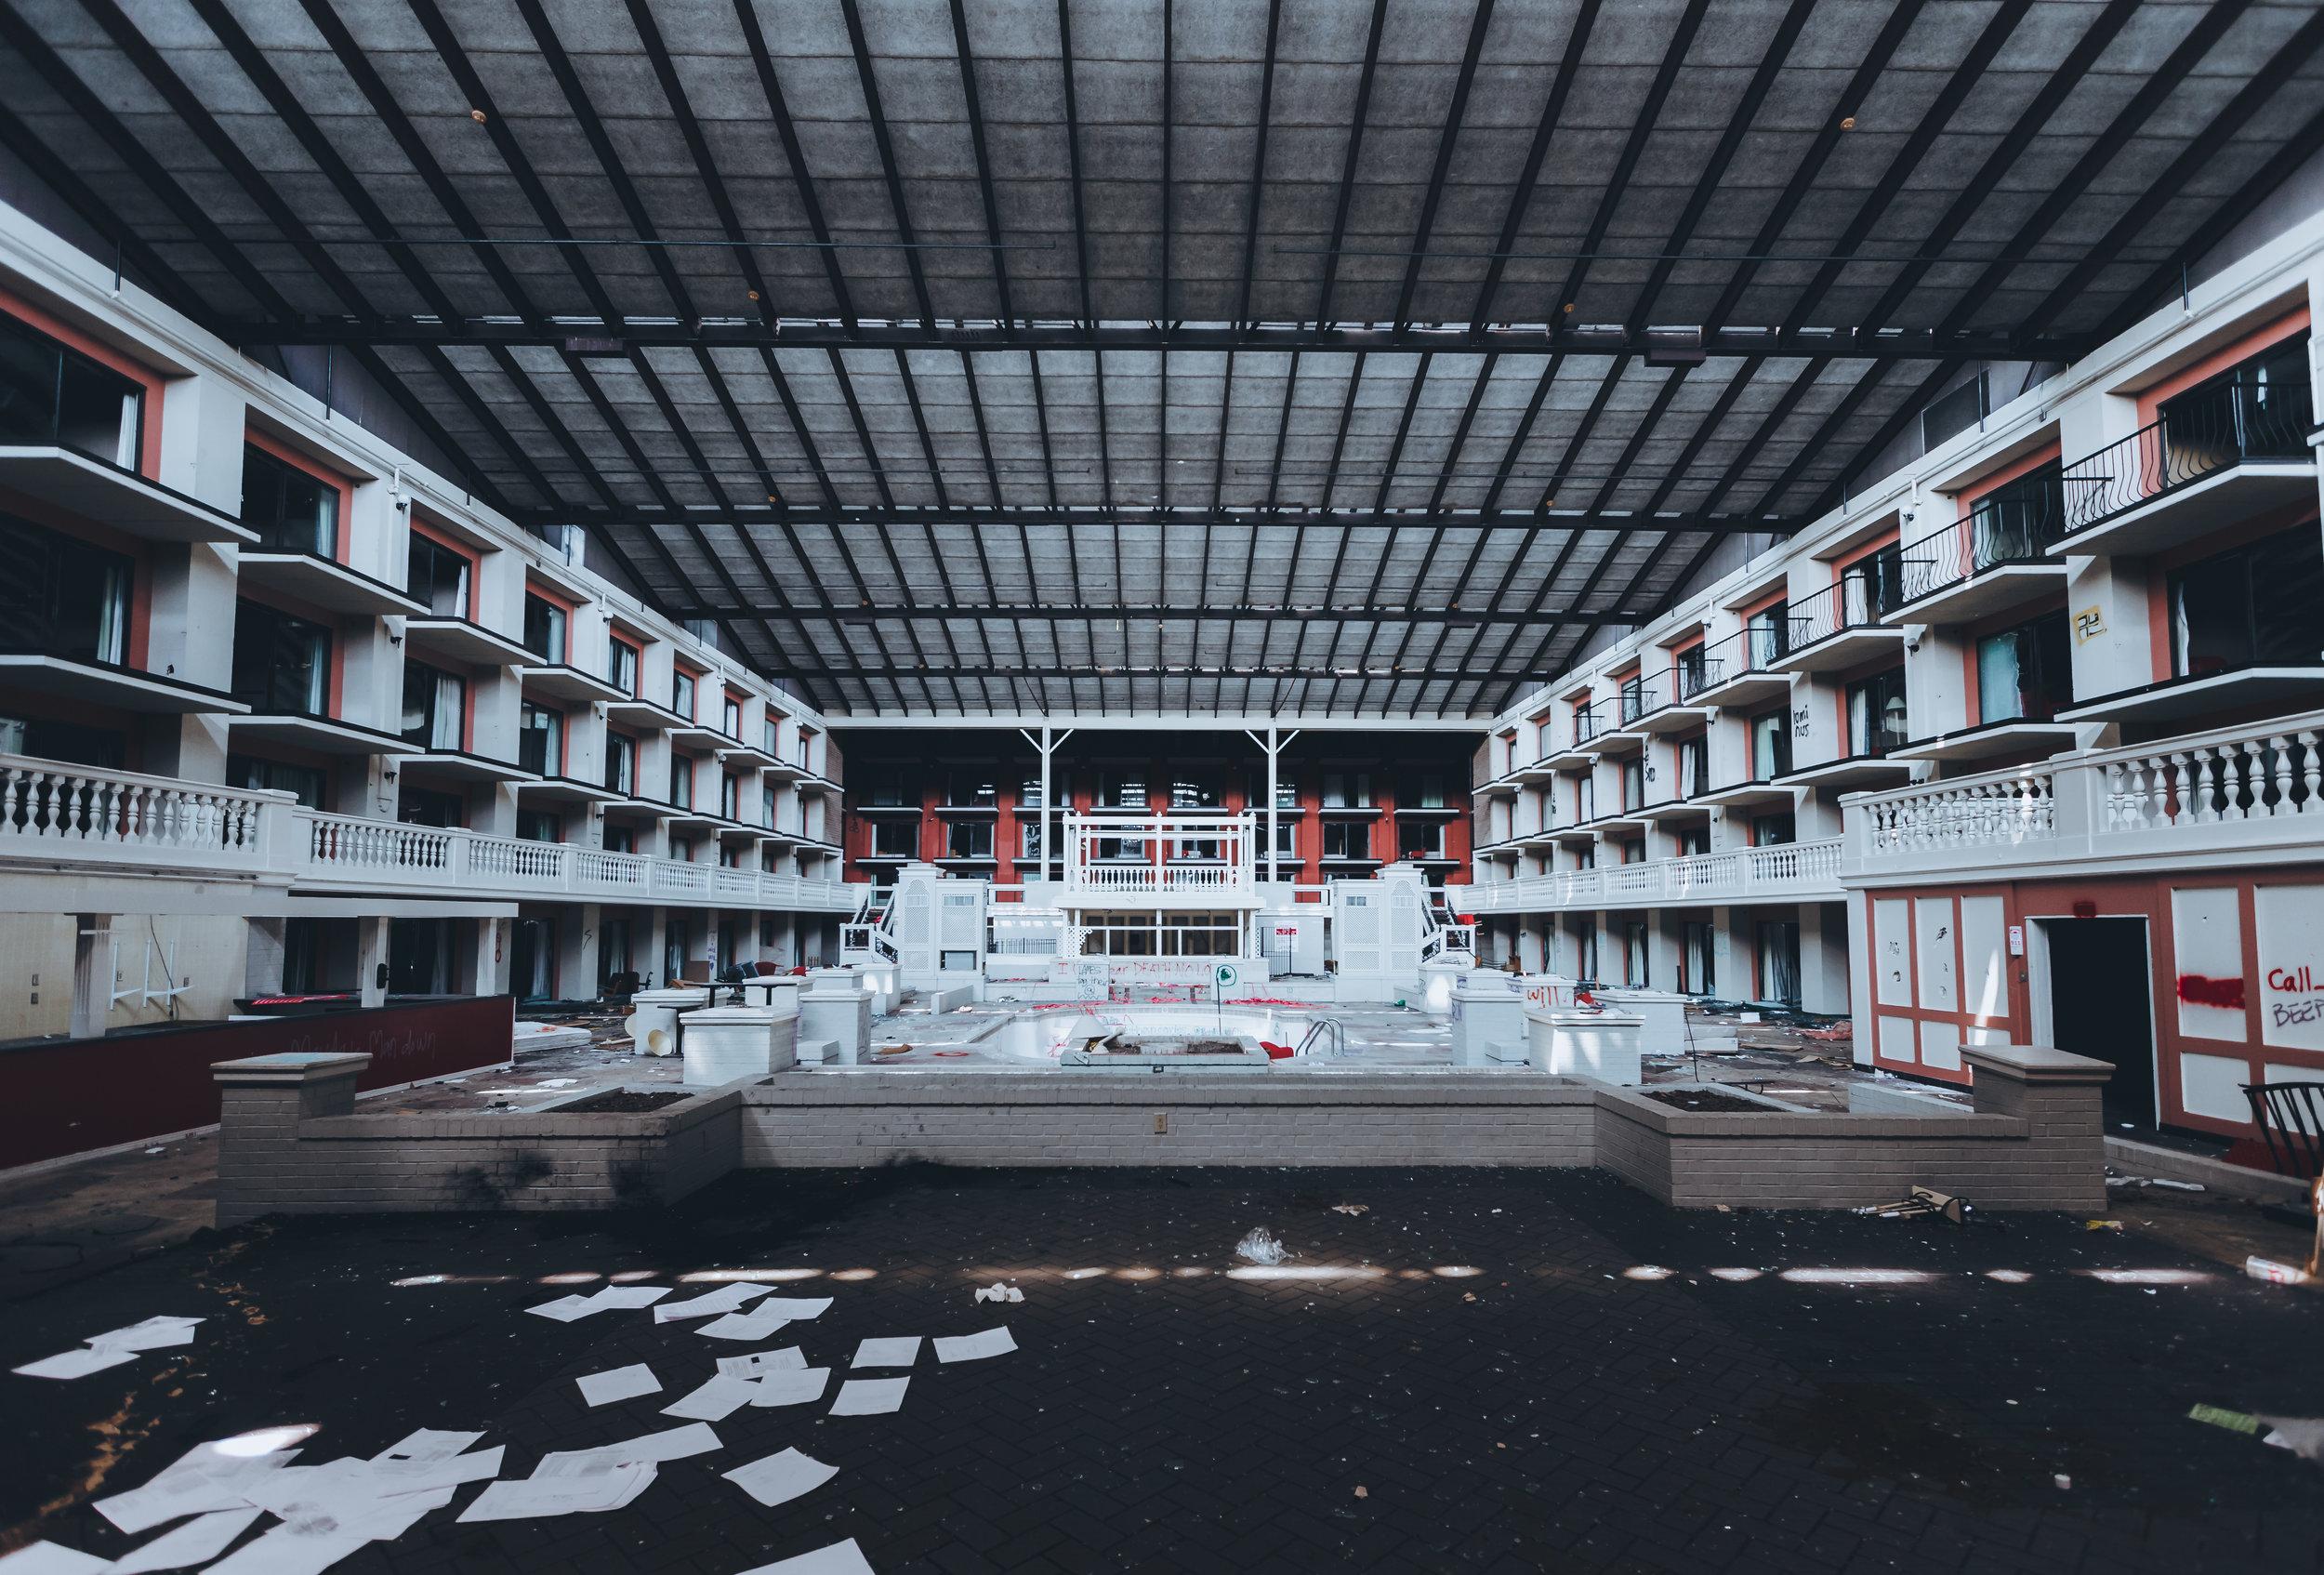 ABANDONED HOTEL -